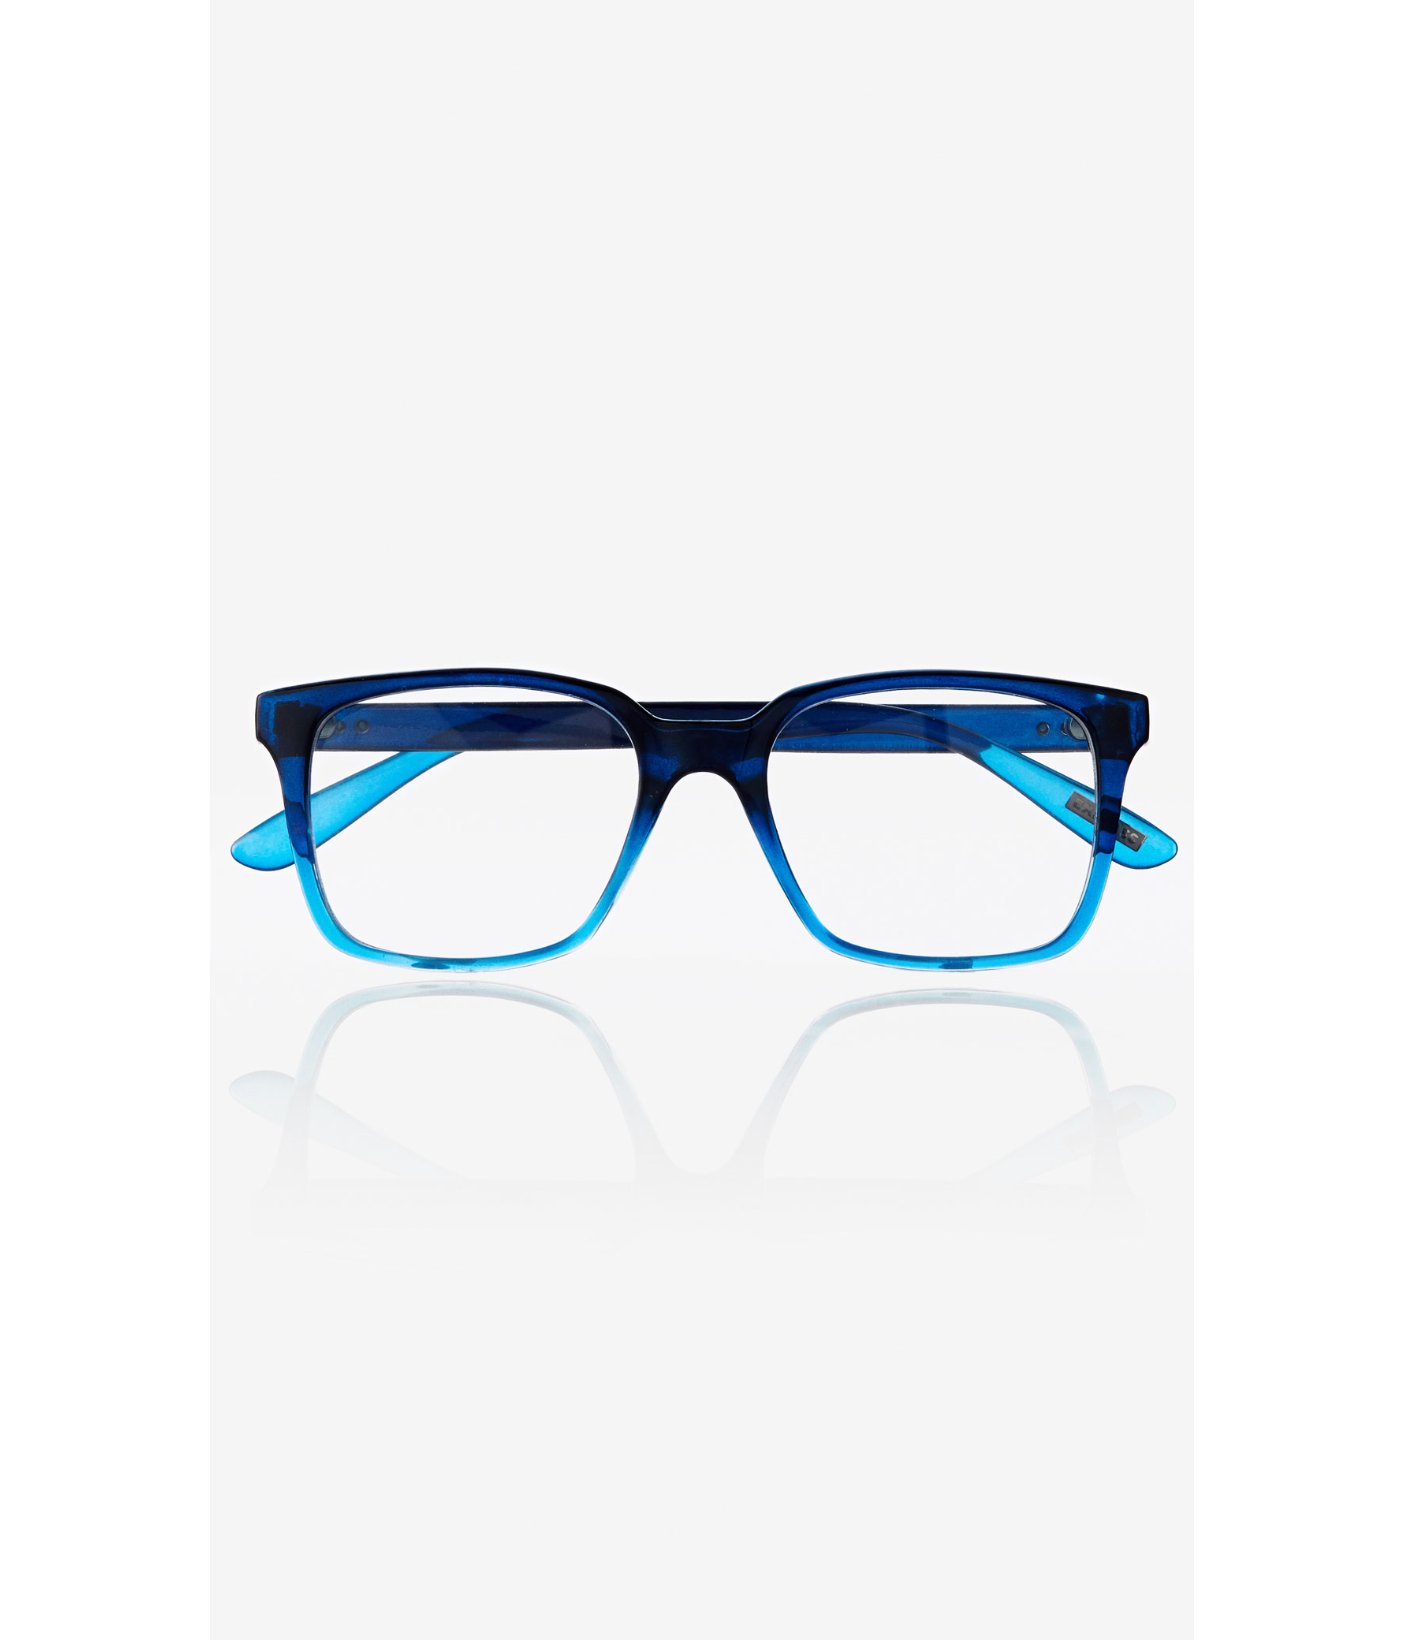 Clear Lens Glasses Looks For Men